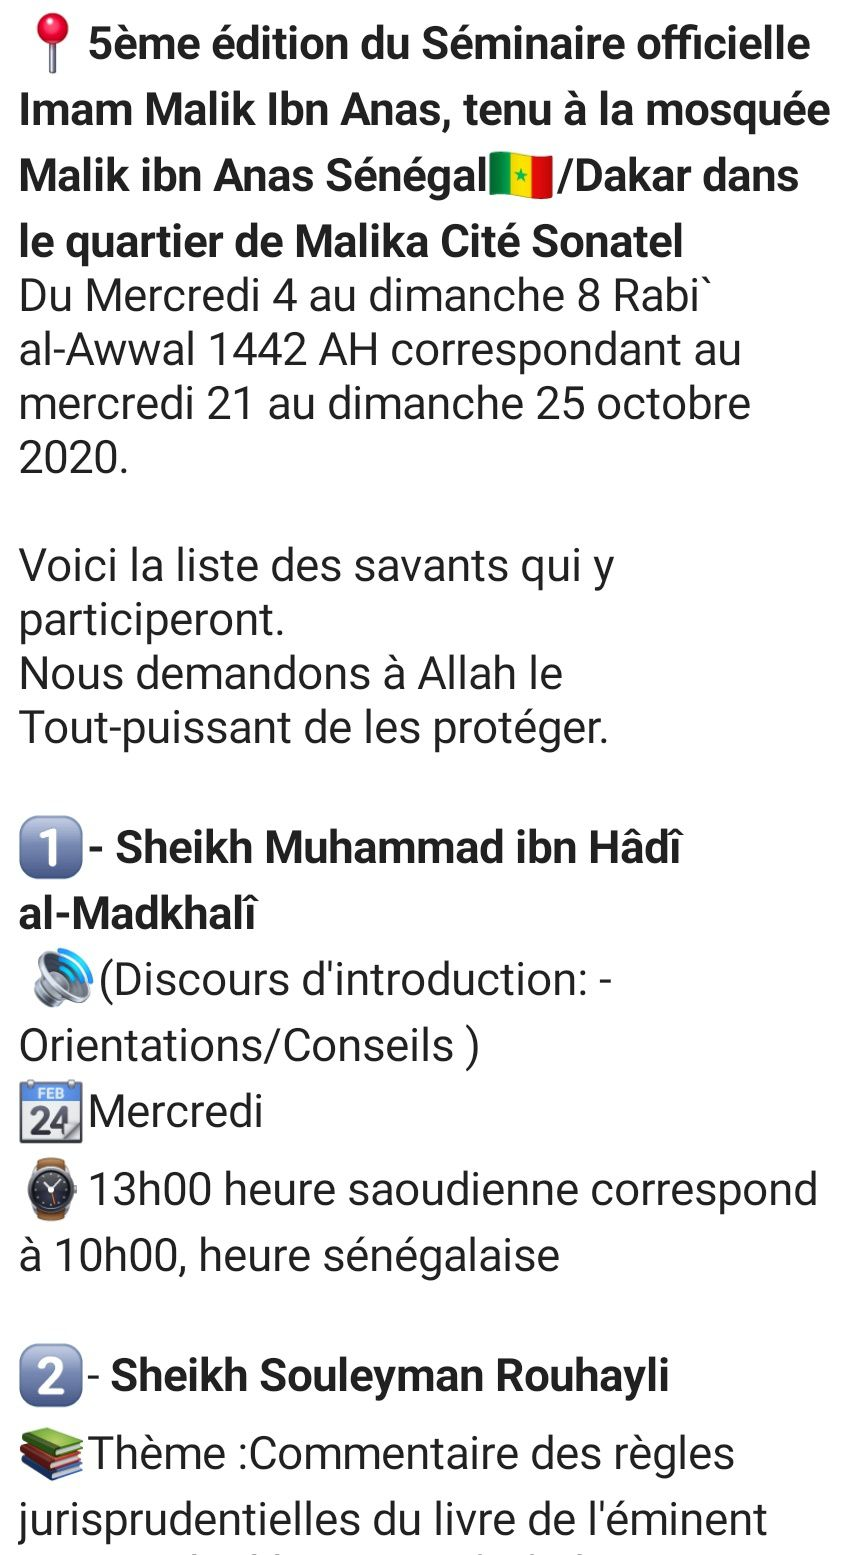 5ème séminaire officiel de l'imam Maalik